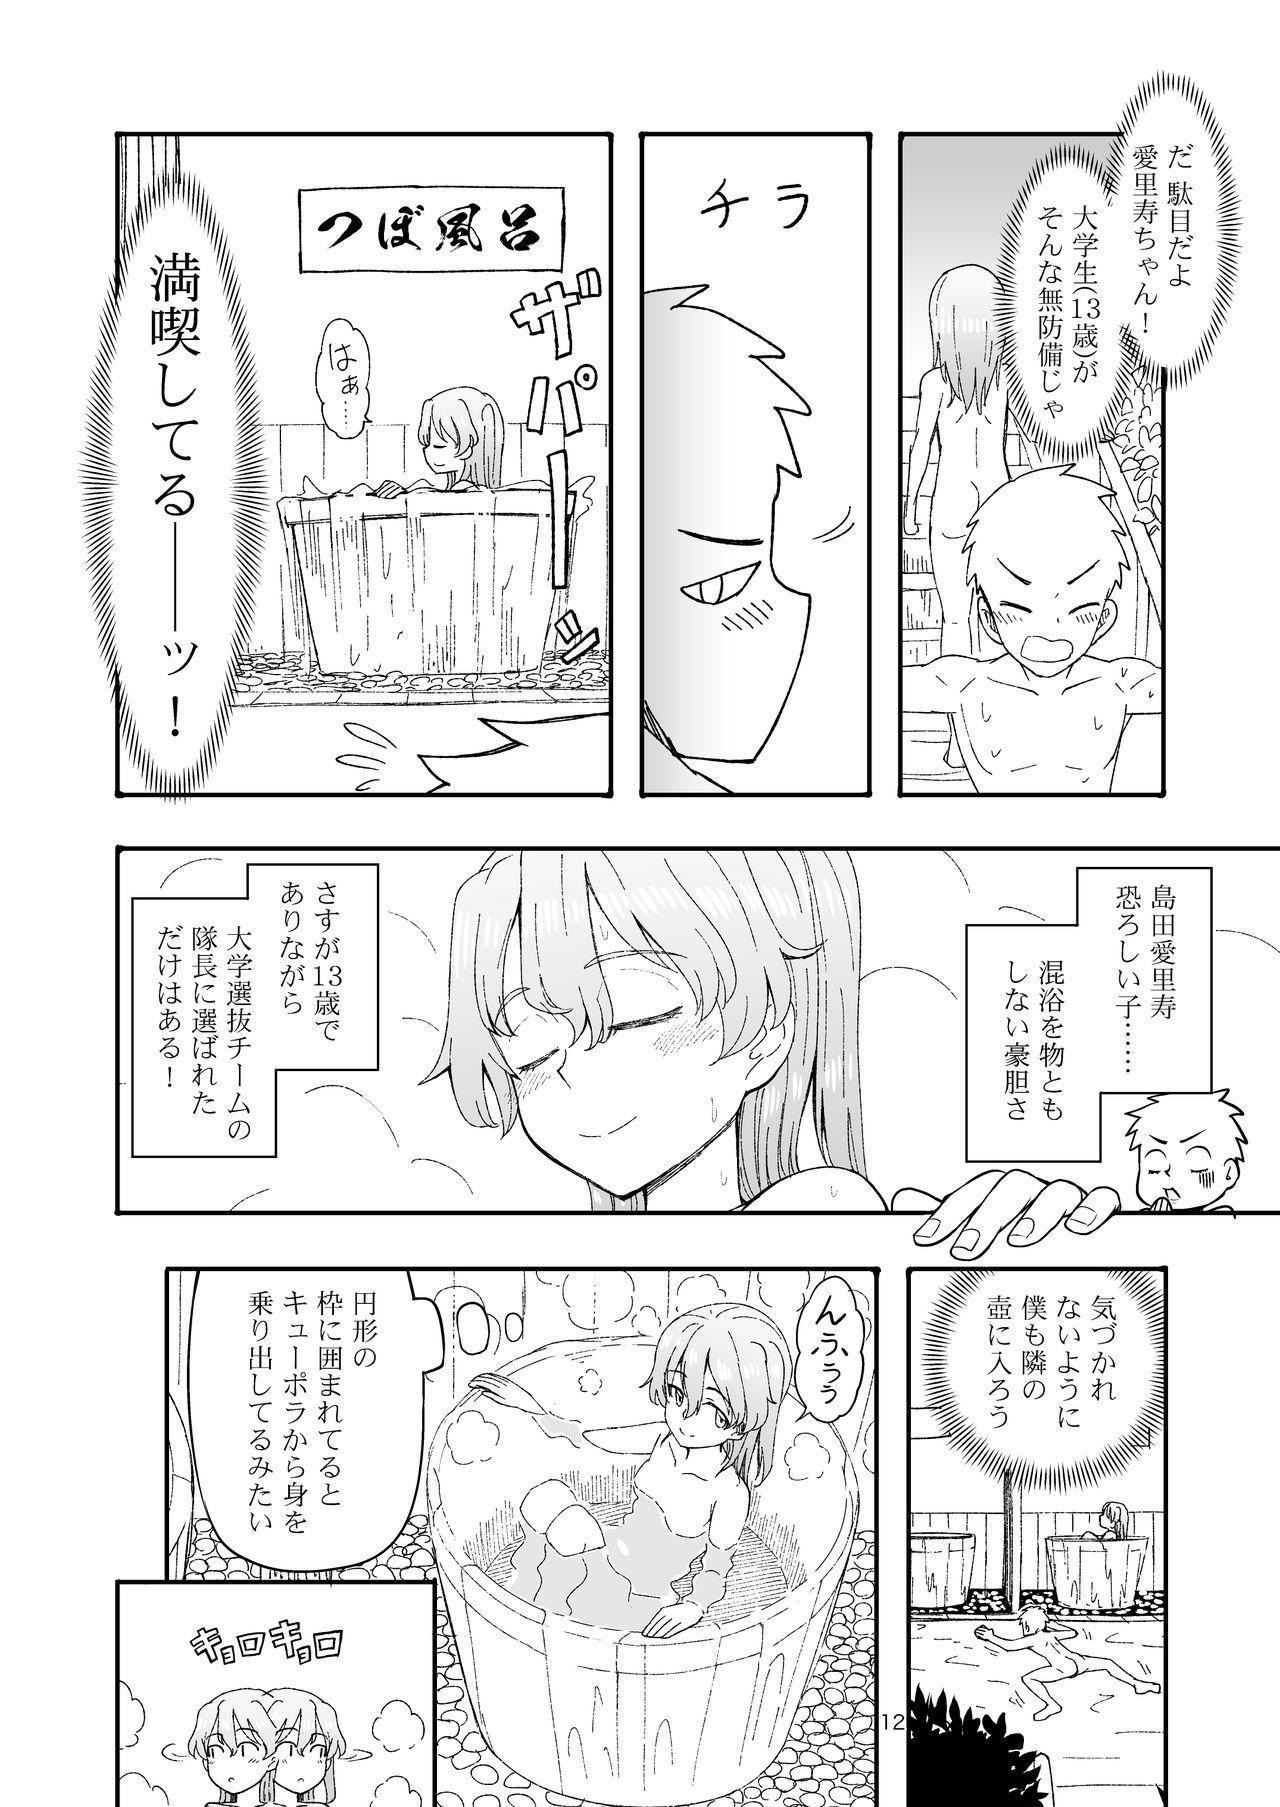 実録!!愛里寿ちゃんが間違えて混浴に入ってきちゃったはなし 11